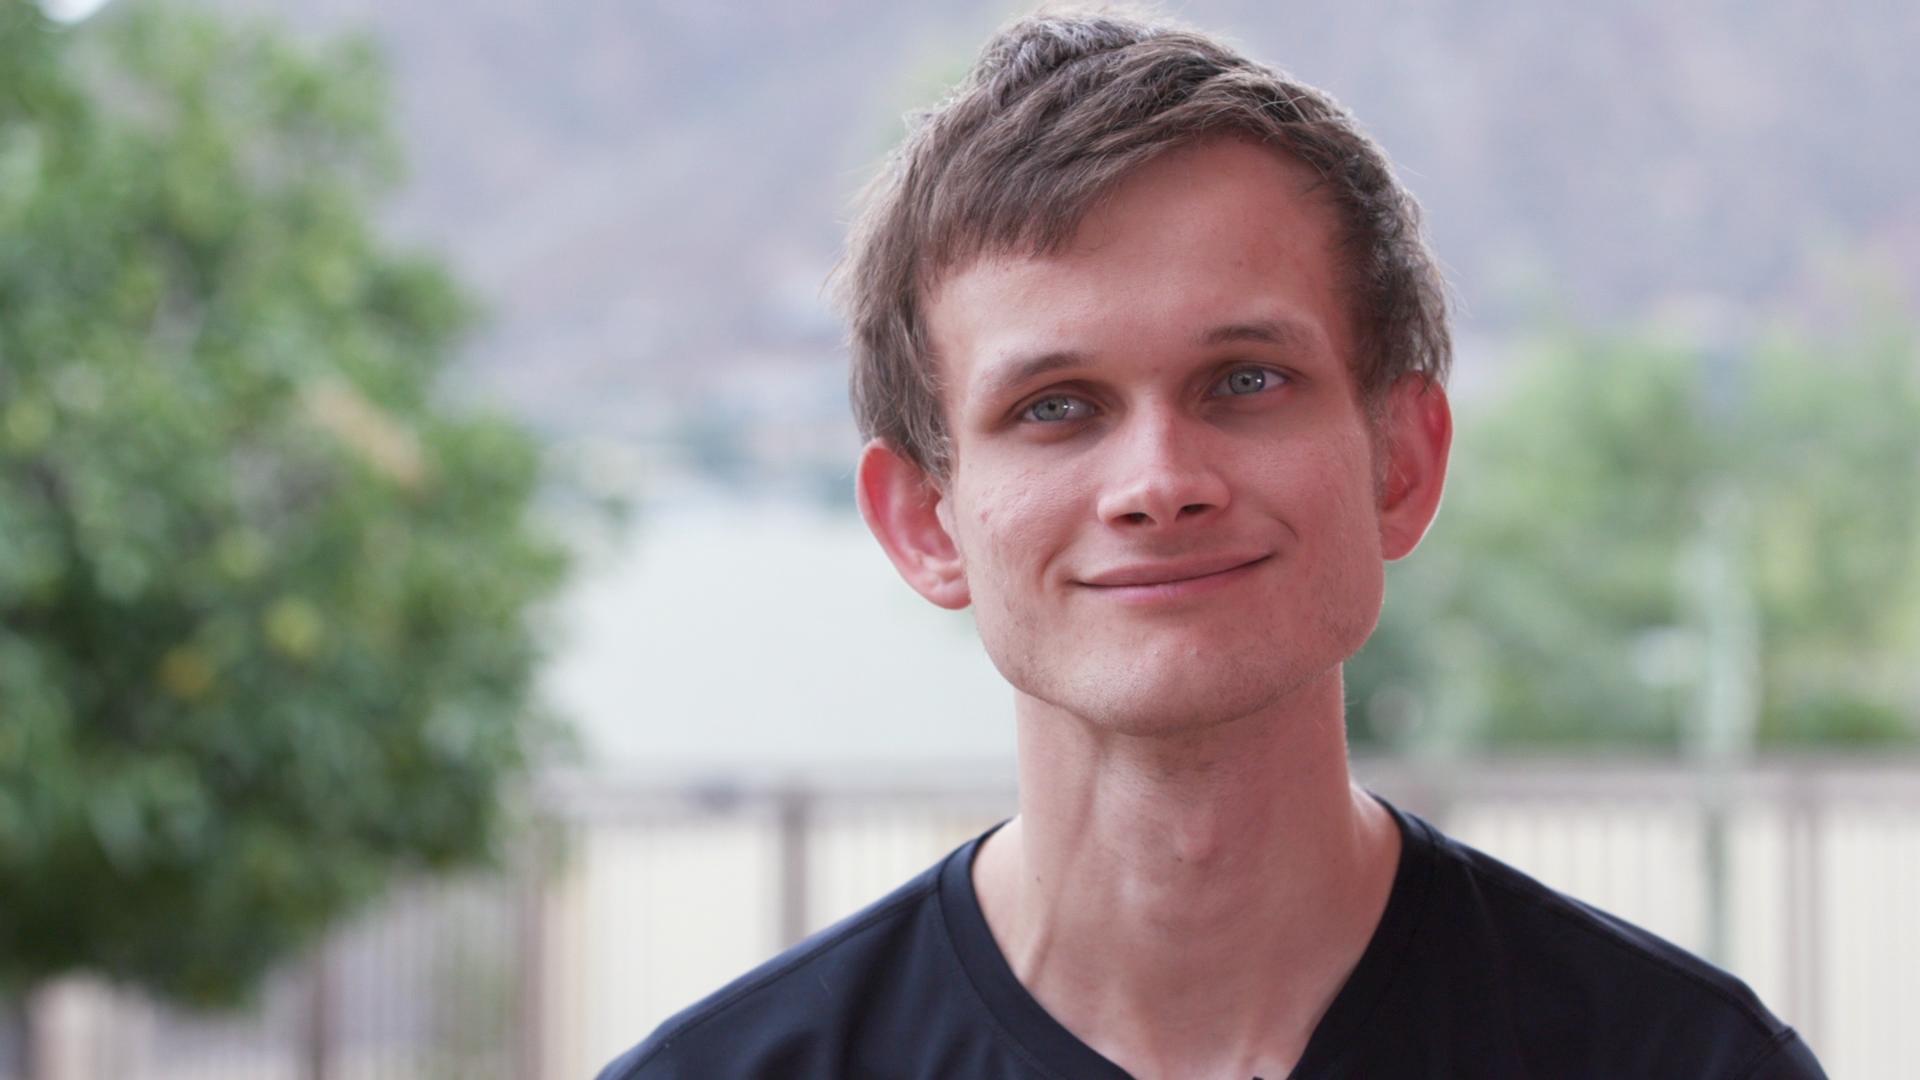 Виталик Бутерин: Запуск биткоина на Proof-of-Work — правильное решение